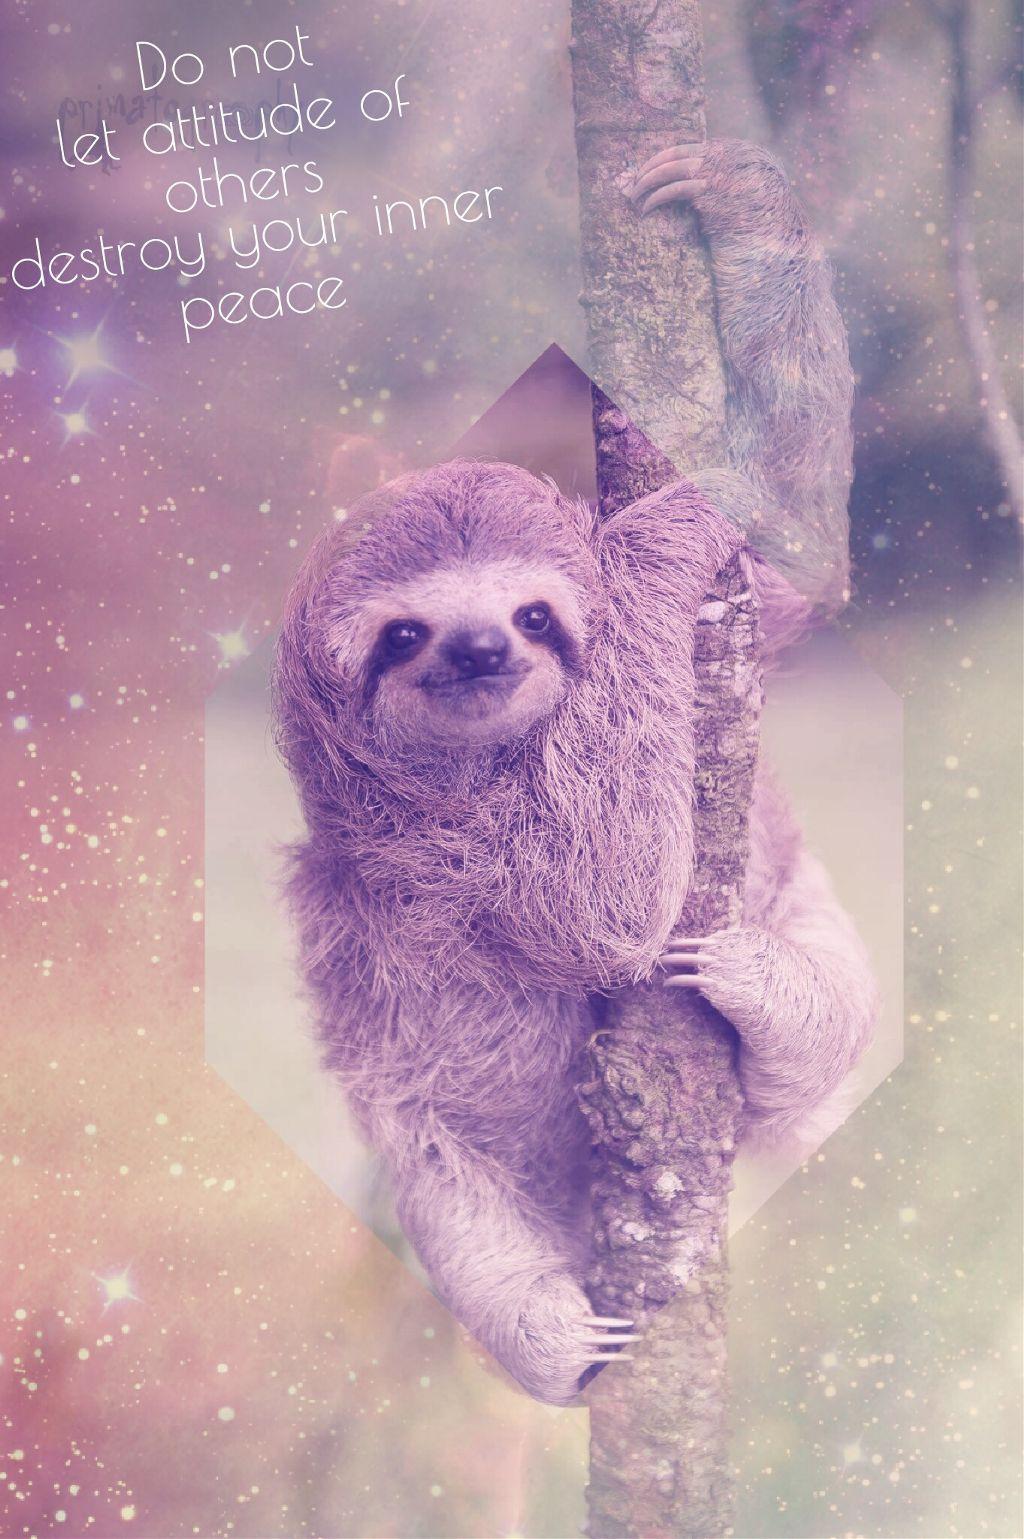 Wallpaper Wallpapers Colorful Sloth Sloths Slothwallpap